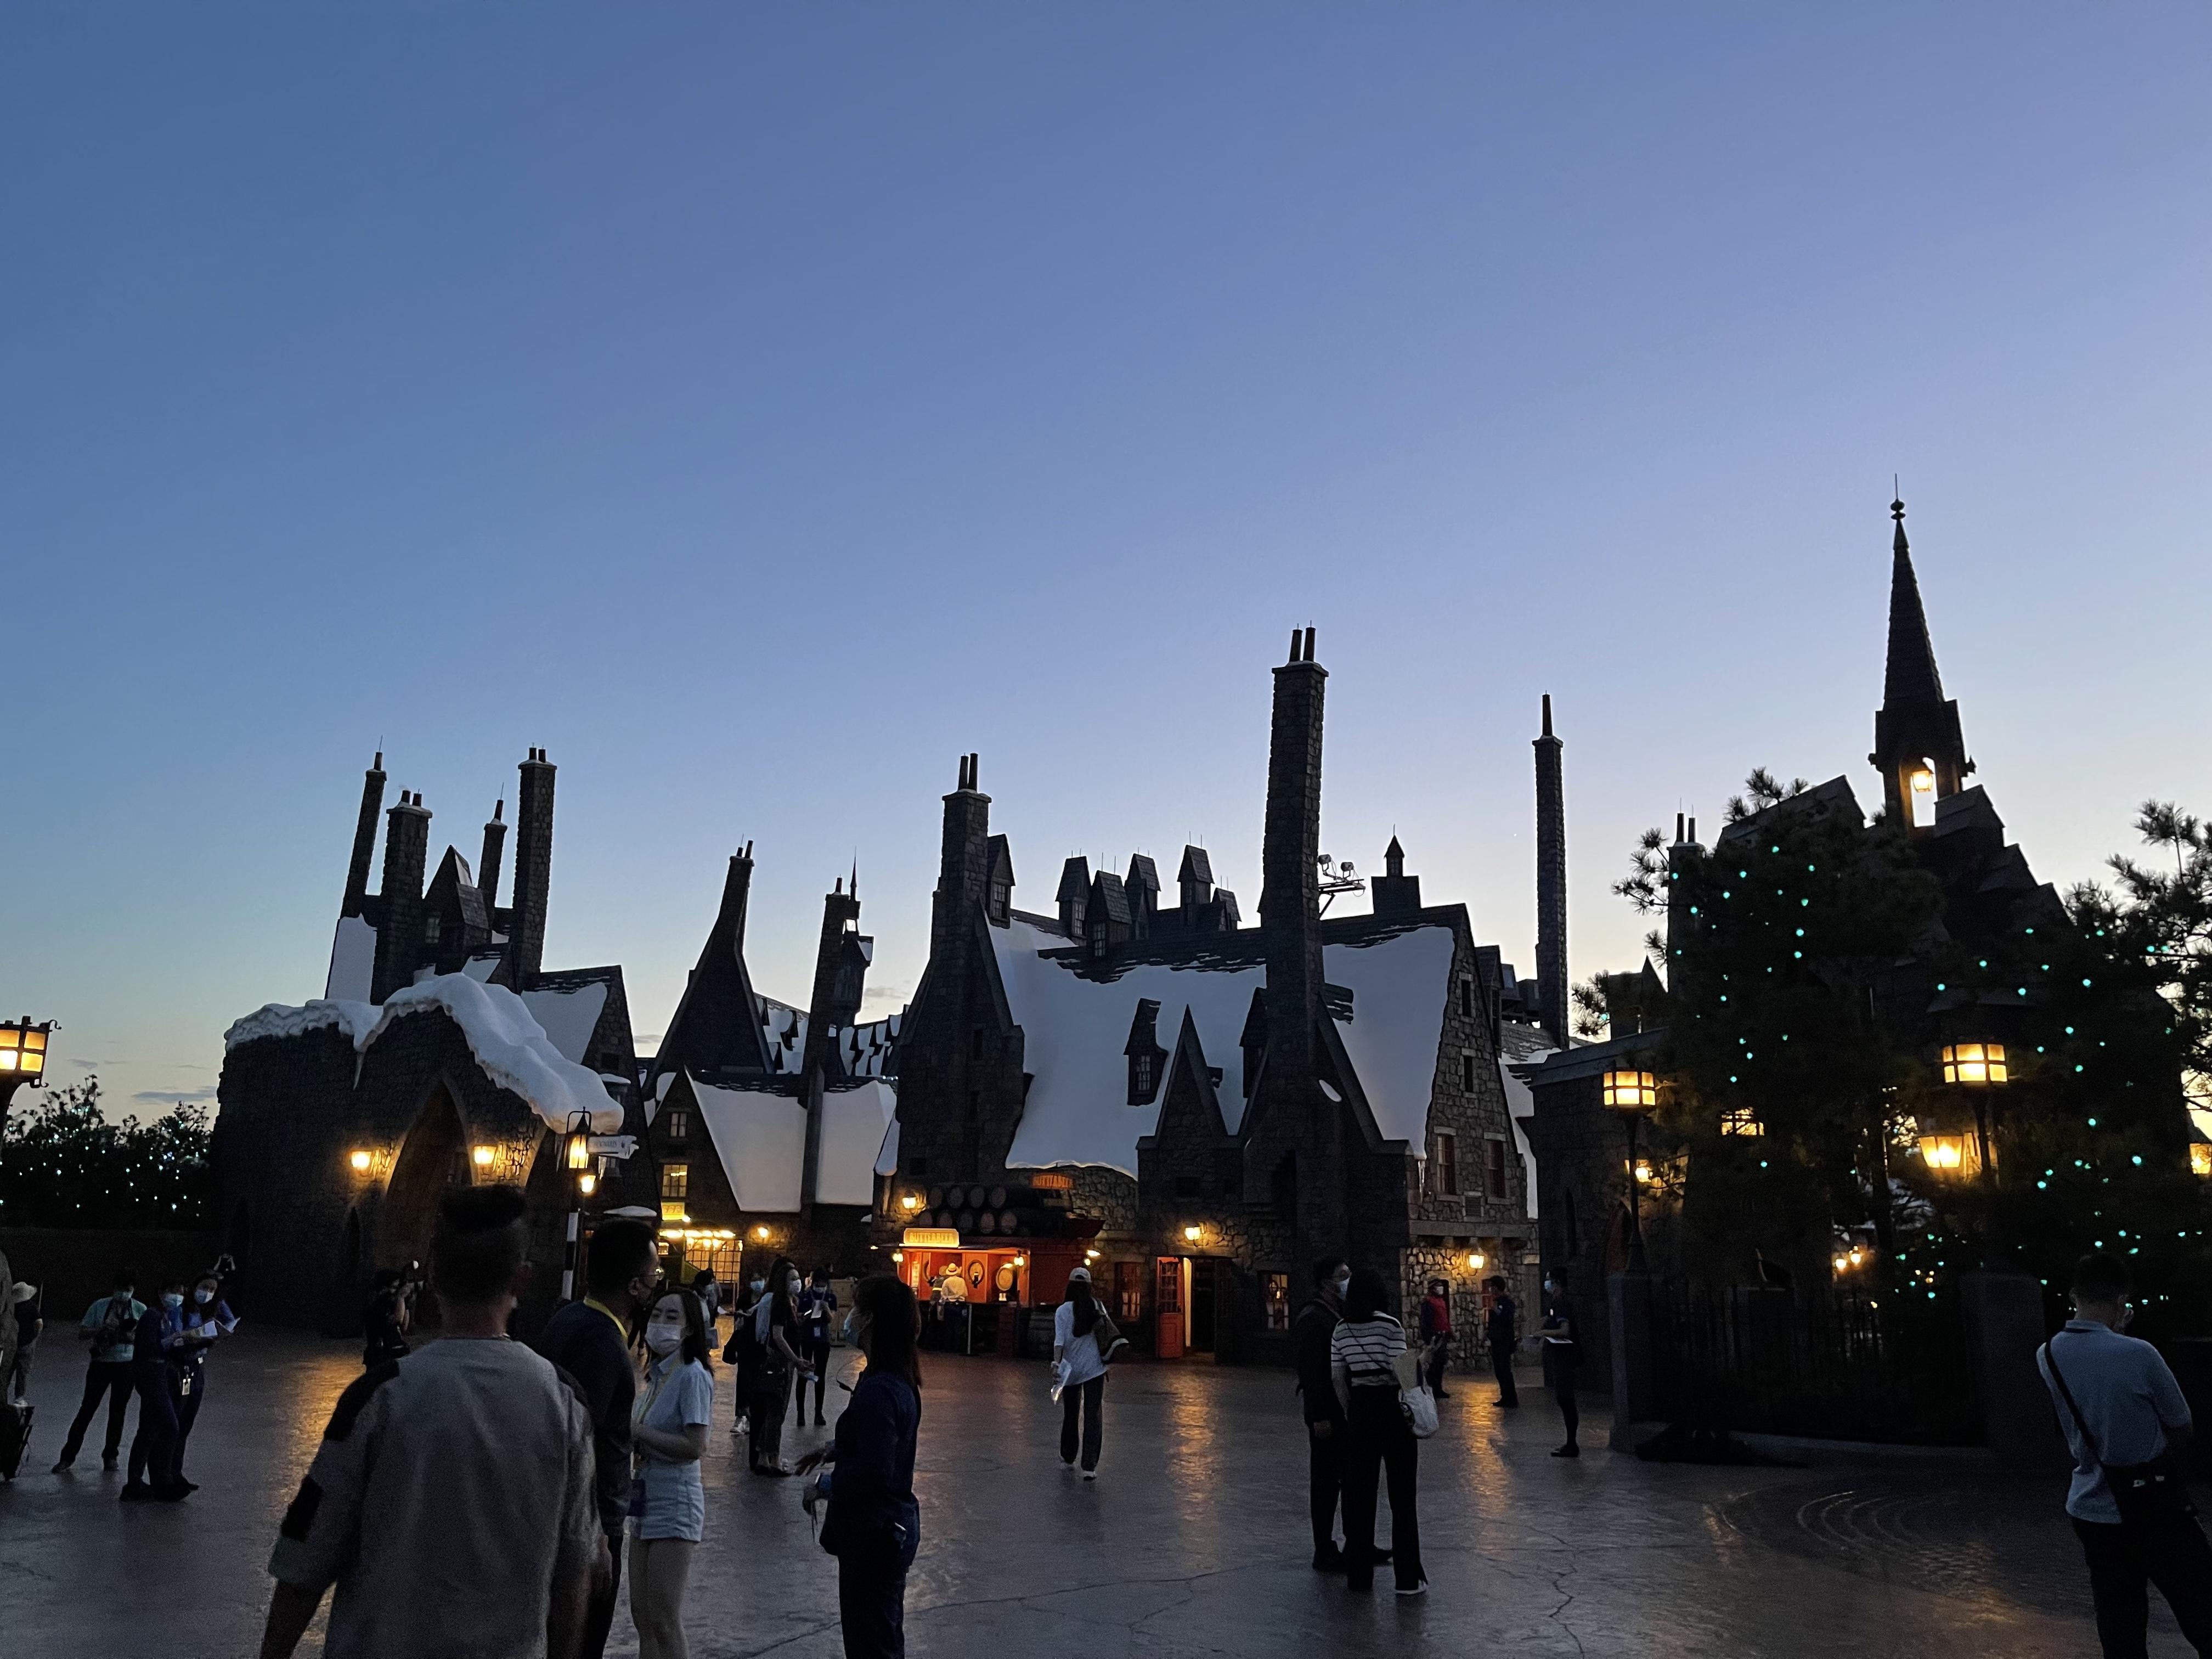 傍晚的哈利·波特的魔法世界主题园区。